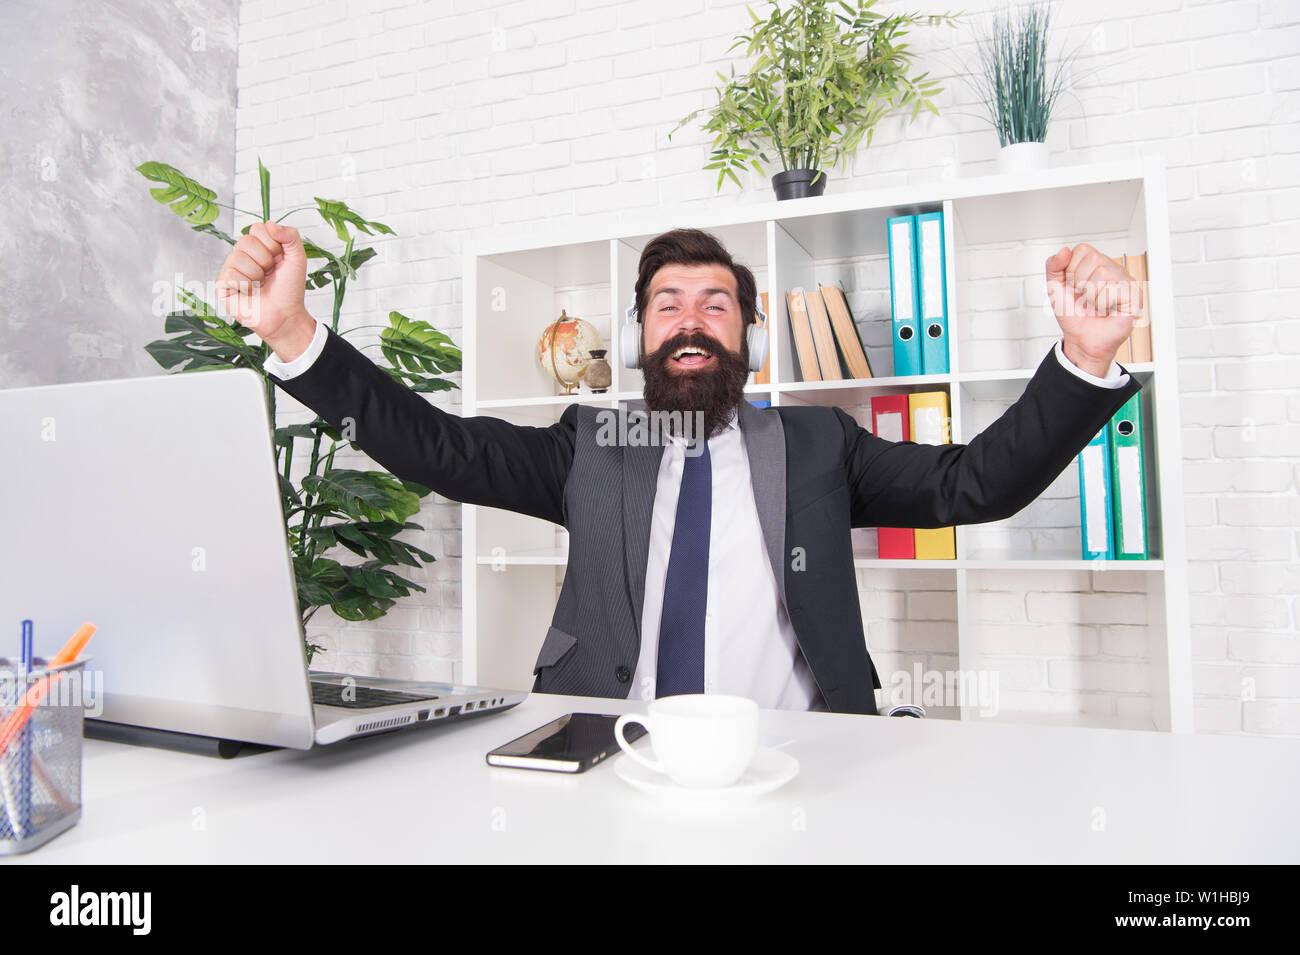 Empresario De éxito El Hombre Trabajador De Oficina